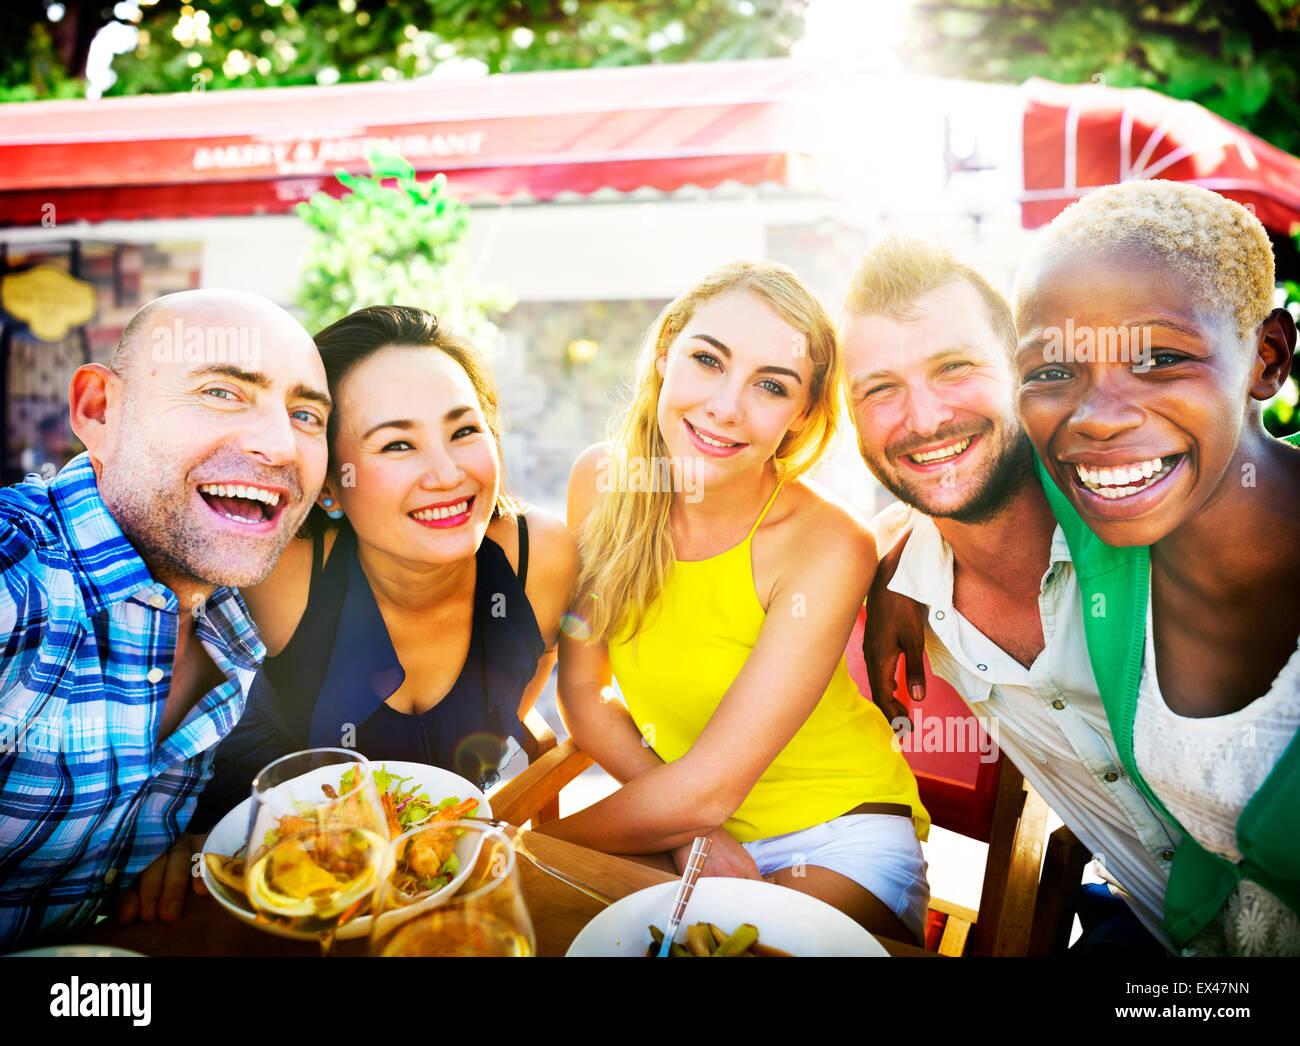 Les gens amitié Parti unité bonheur Concept Photo Stock